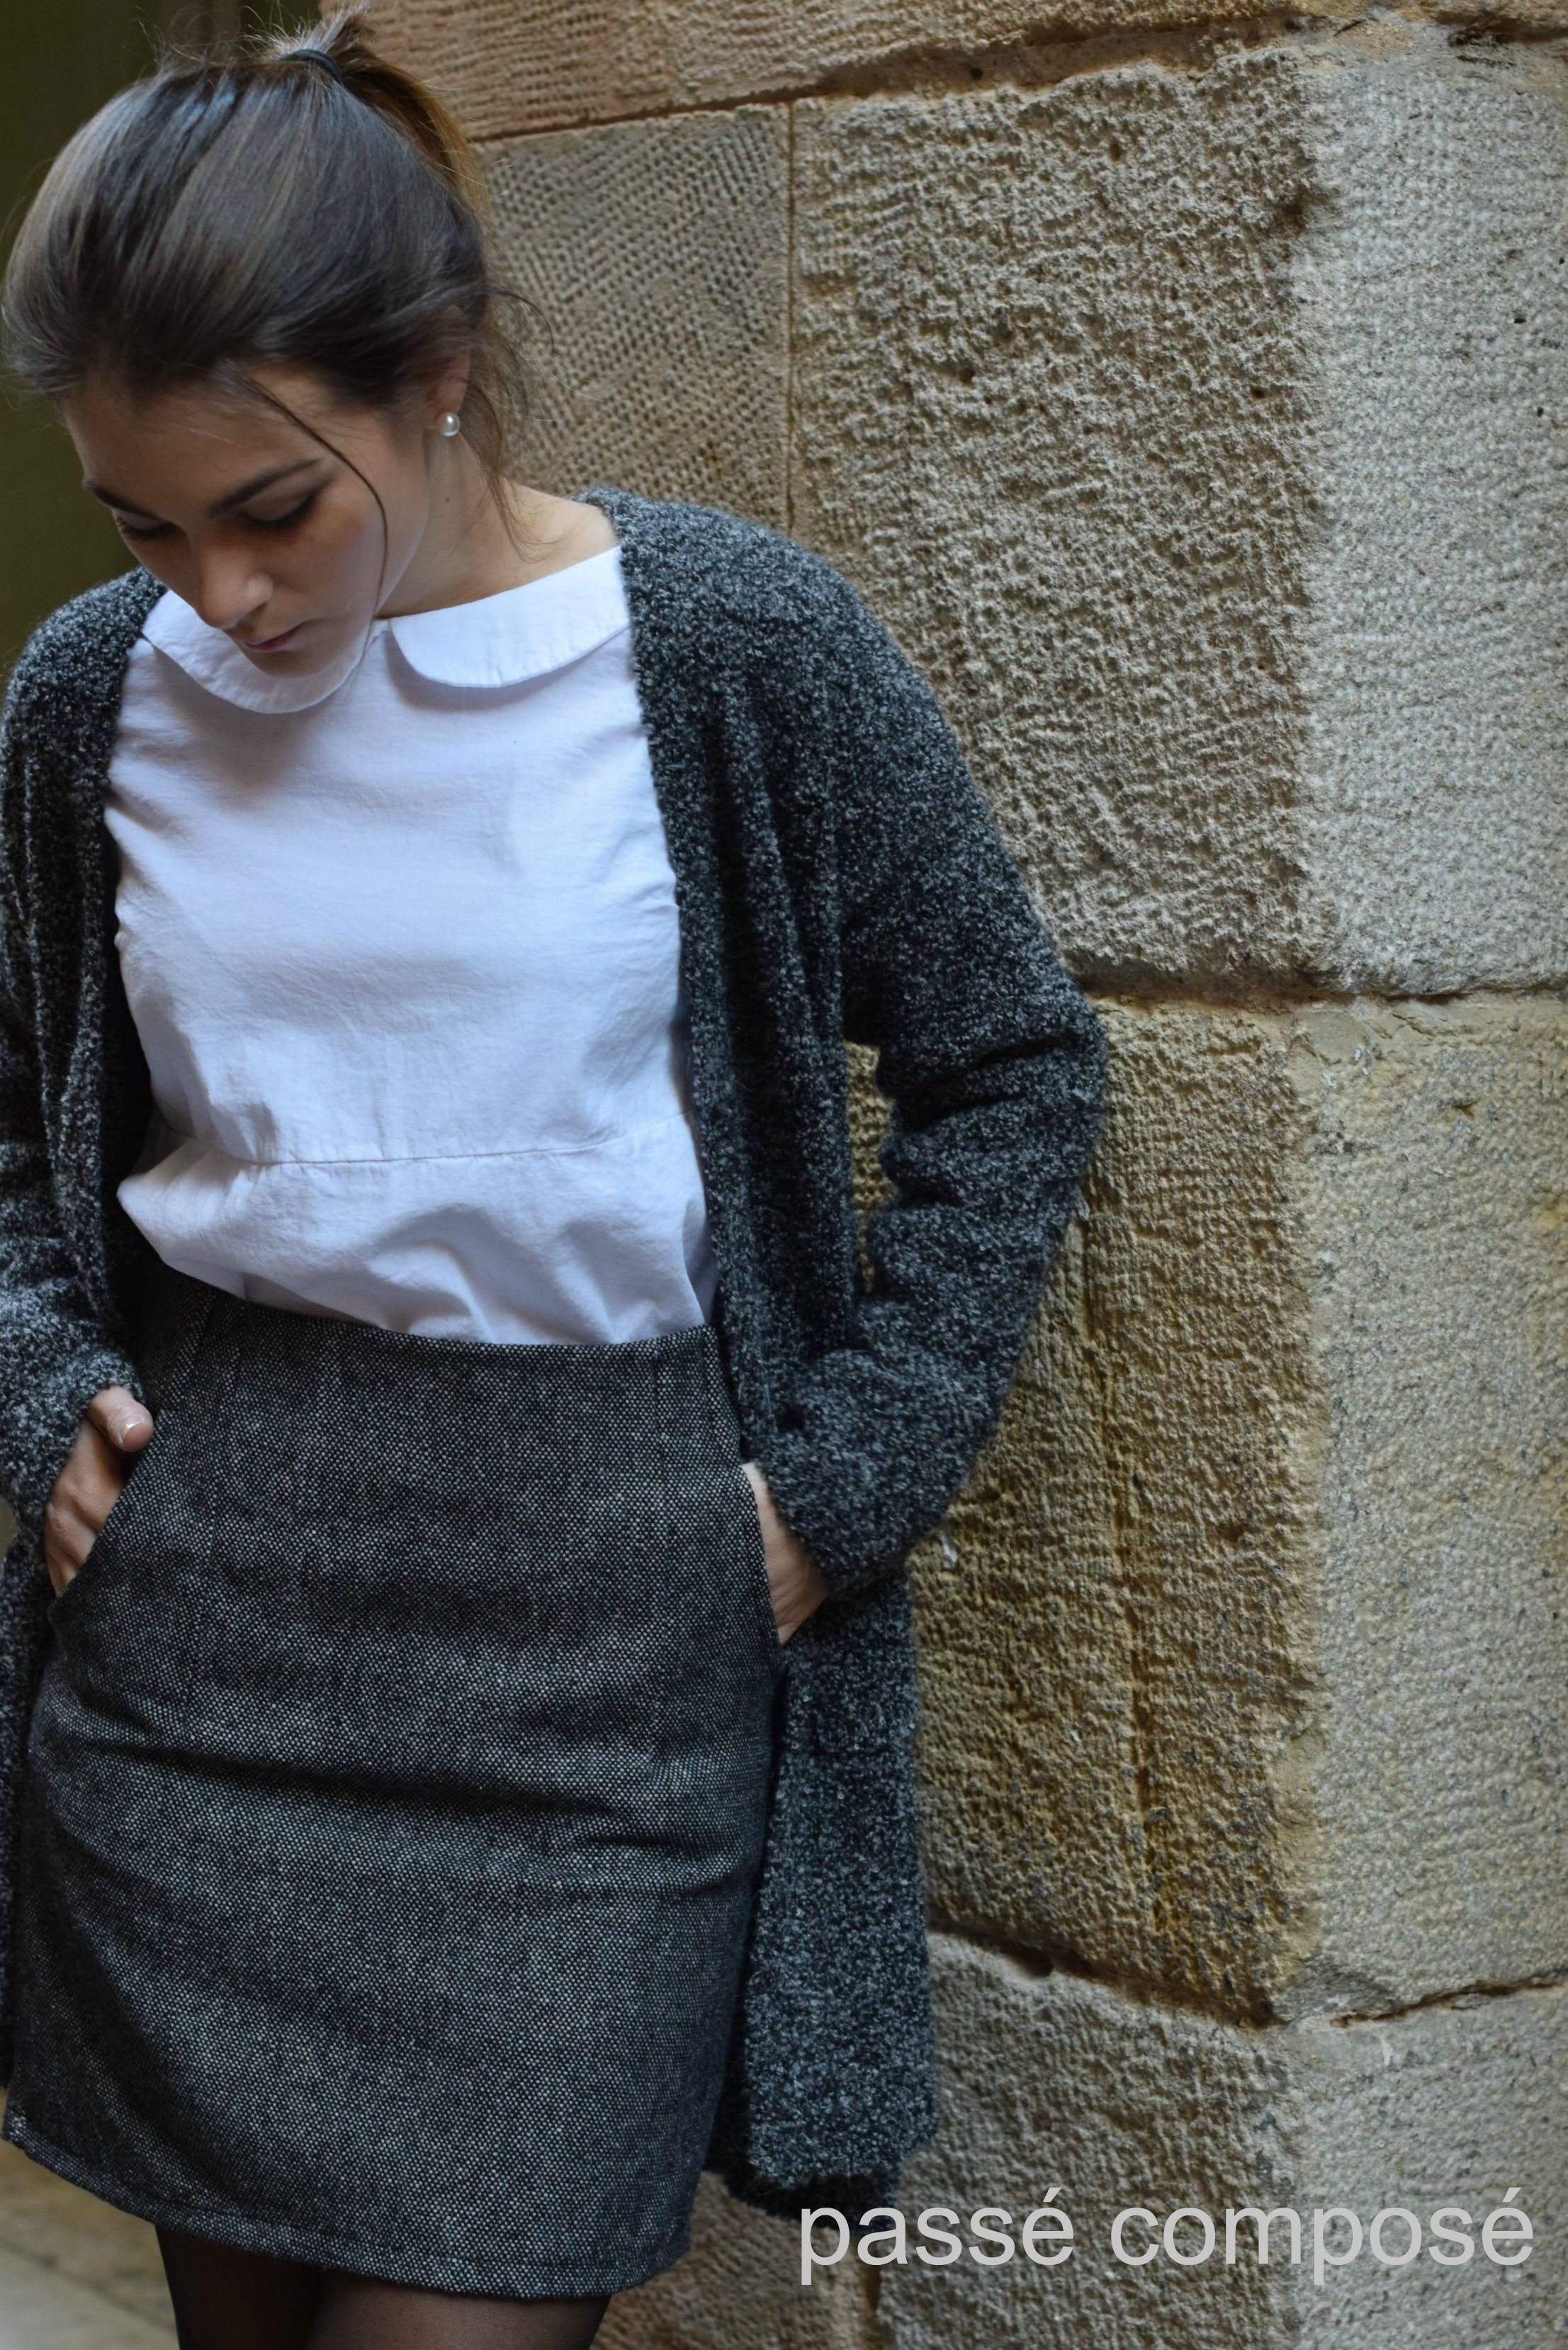 passé composé Barcelona   Moda para mujer, Moda, Ropa